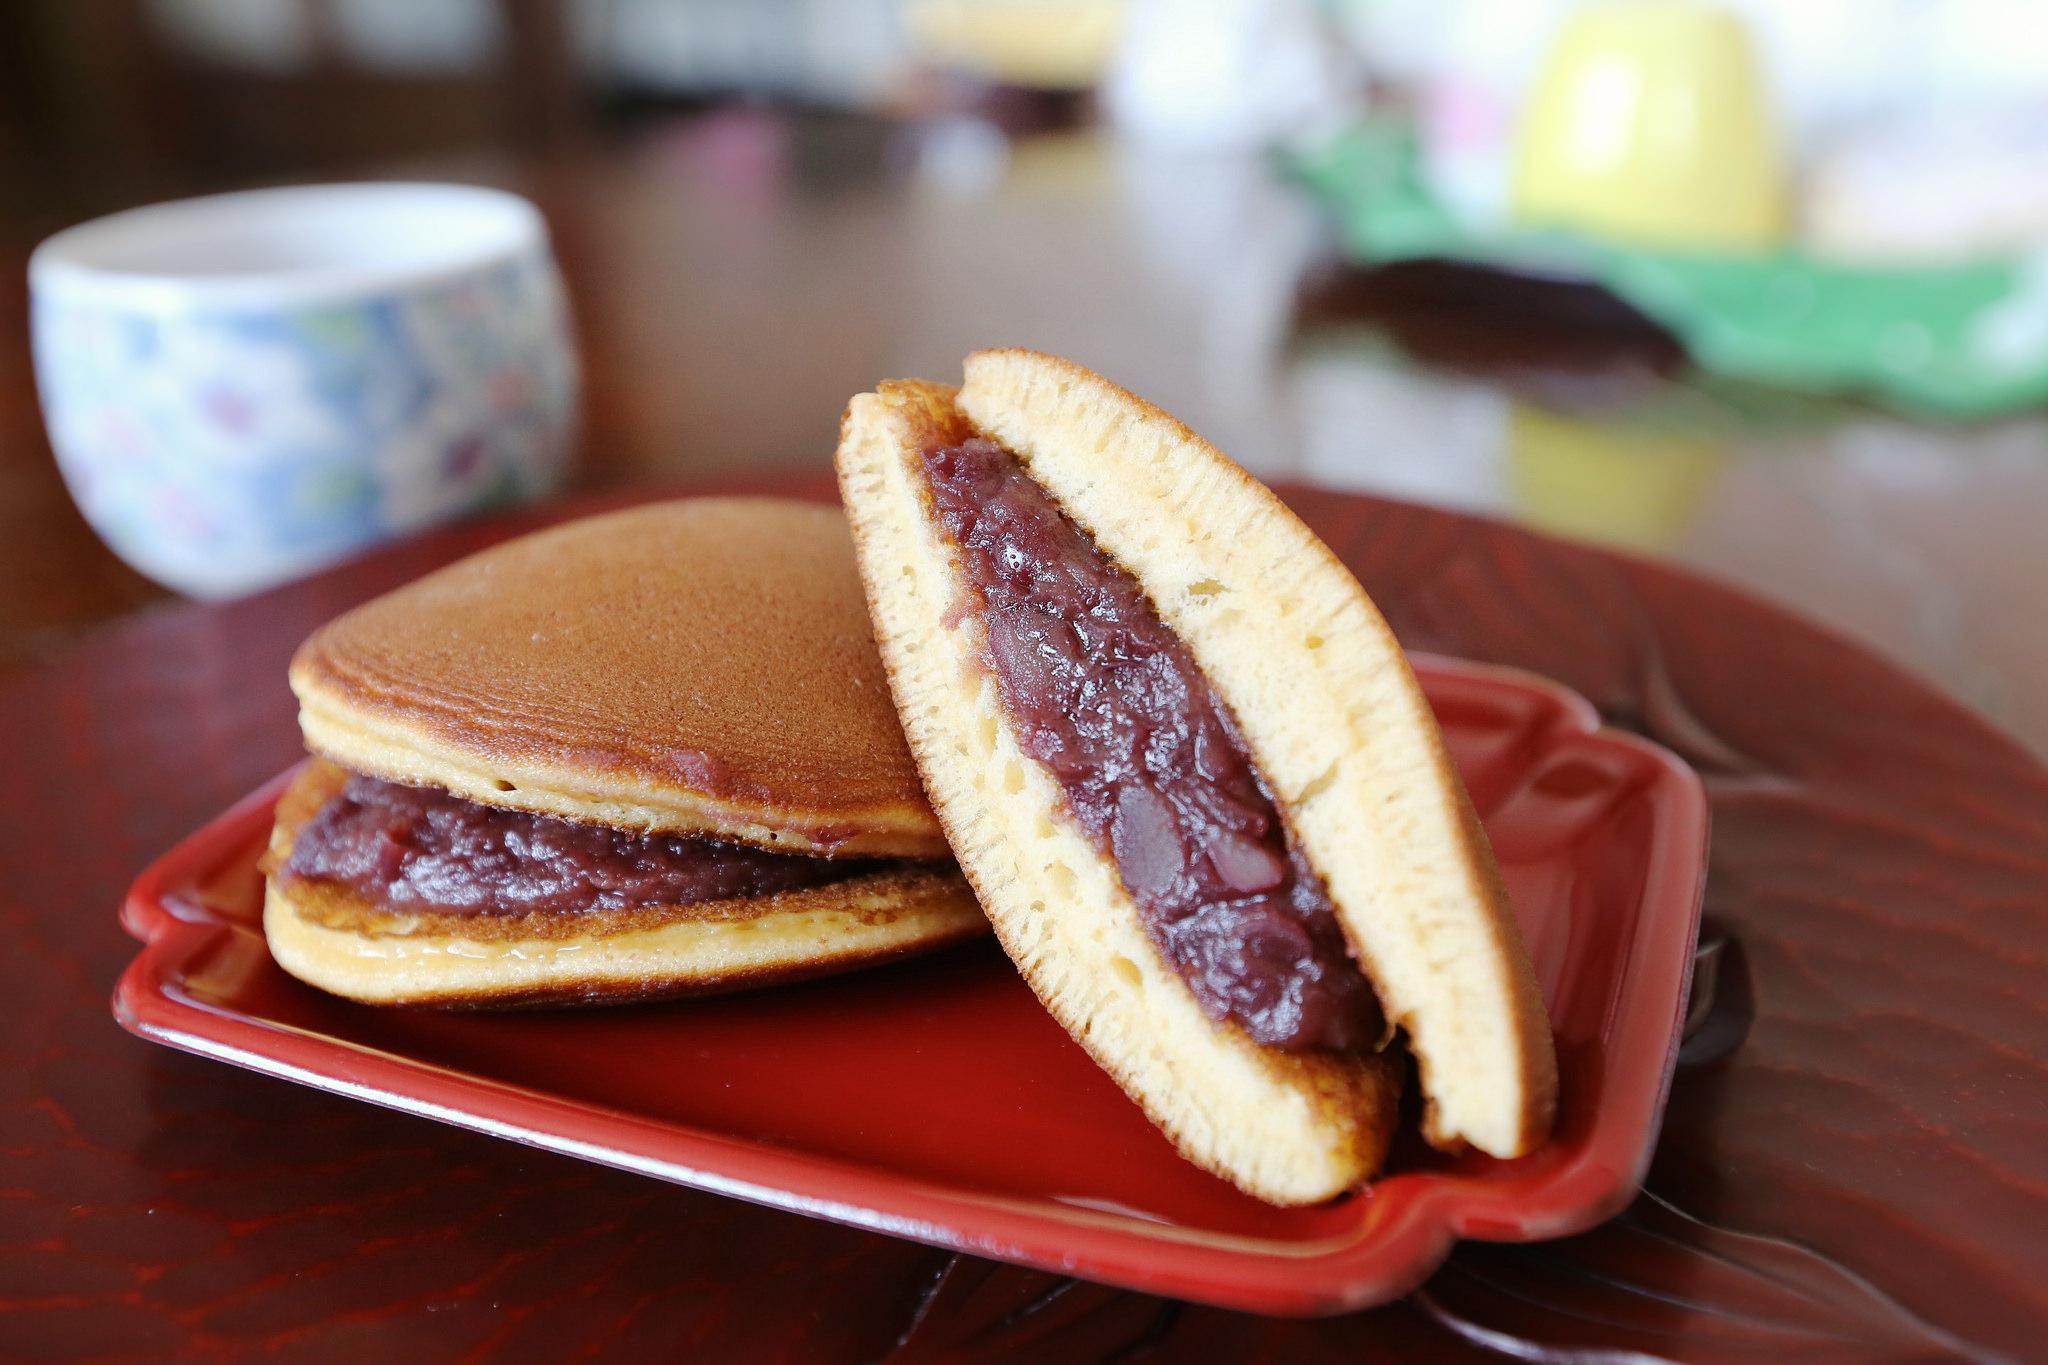 ホッと落ち着く甘さが魅力的!美味しいどら焼きレシピを紹介します!のサムネイル画像